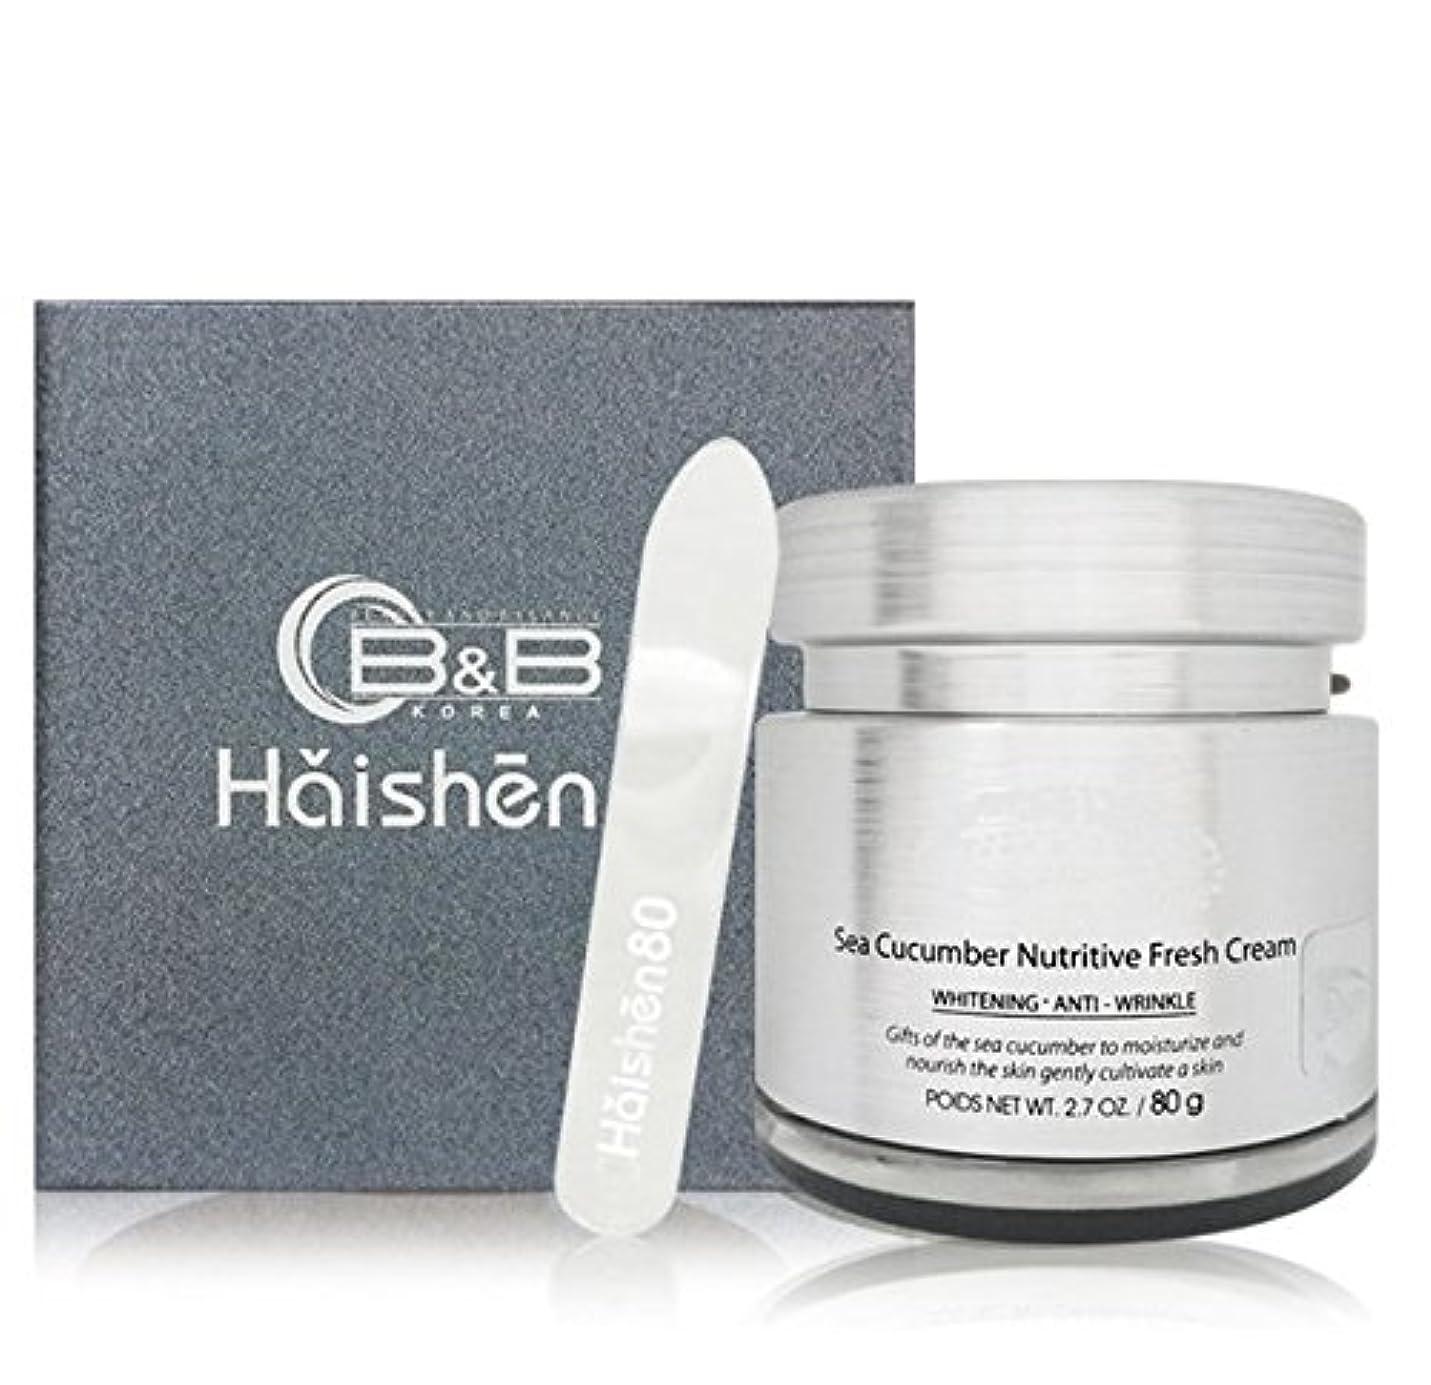 マイクロプロセッサ発火するコカイン[訳有り?OUTLET]Haishen80 Sea cucumber Nutritious Fresh Cream 80g ハイサン 80 シーキューカンバーニュトゥリチブフレッシュクリーム 80g